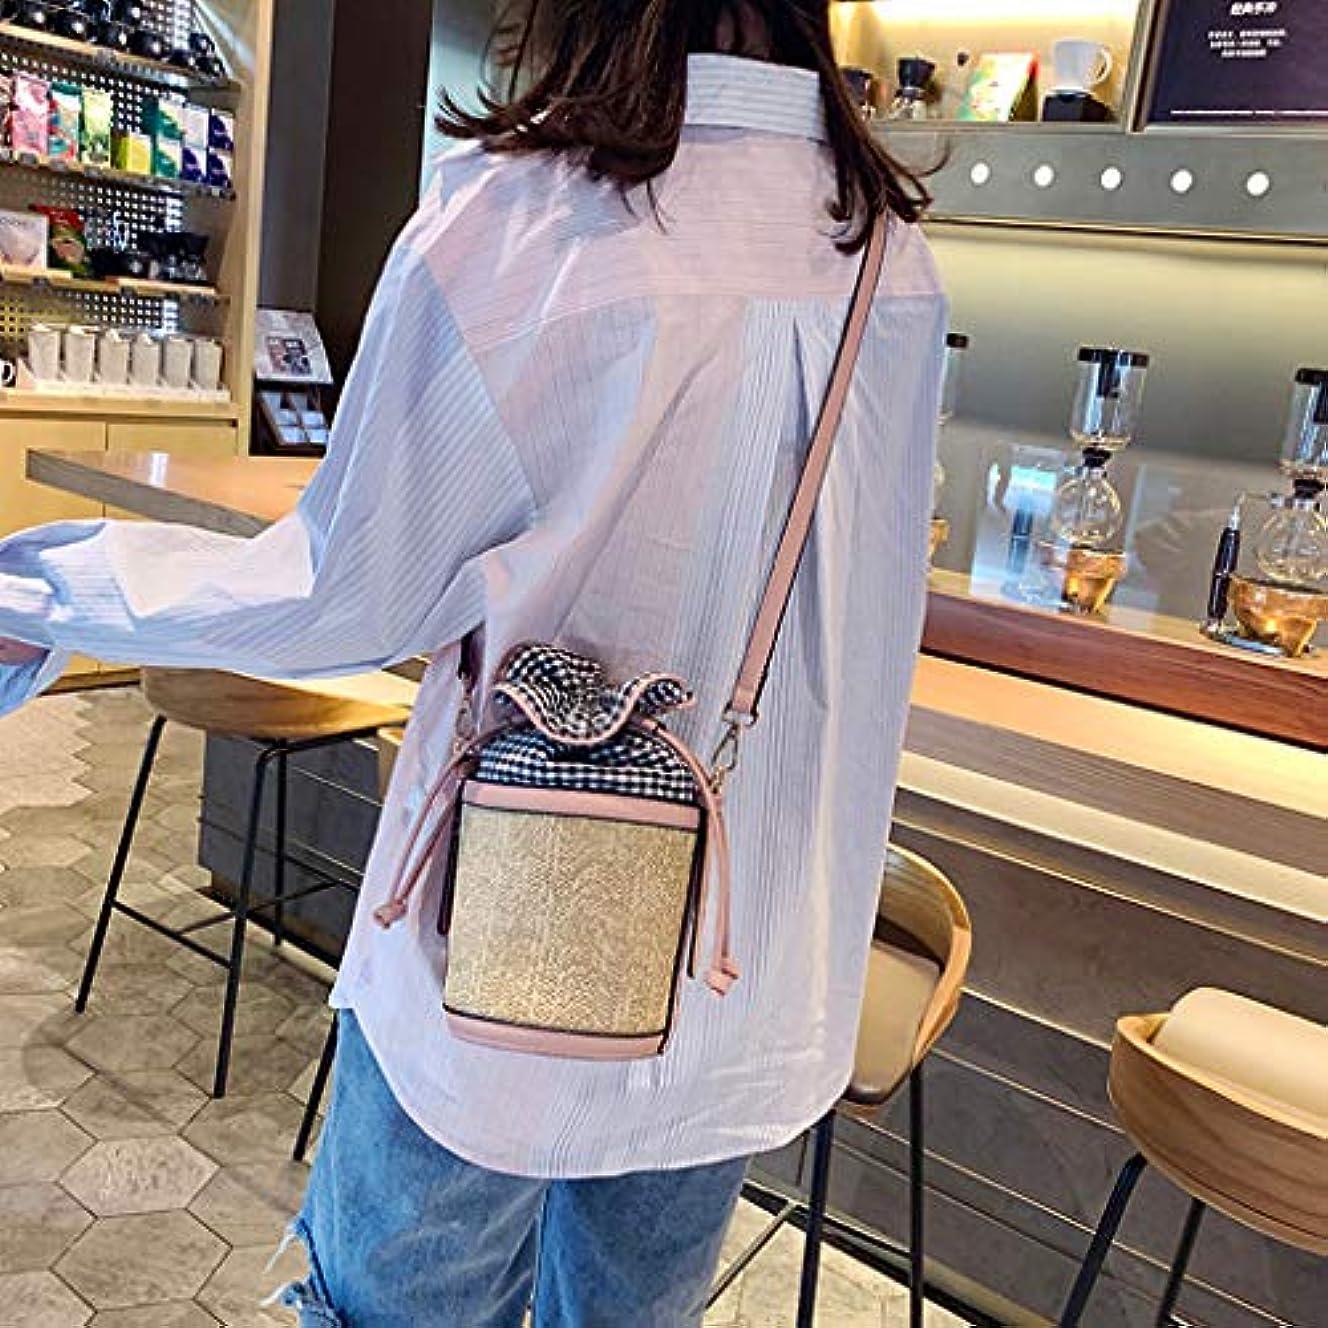 目に見える振りかけるロッカーファッション女性レトロ織り格子革バケットバッグクロスボディバッグショルダーバッグ、女性のヴィンテージ織格子縞ステッチバケットバッグ斜めバッグ (ピンク)